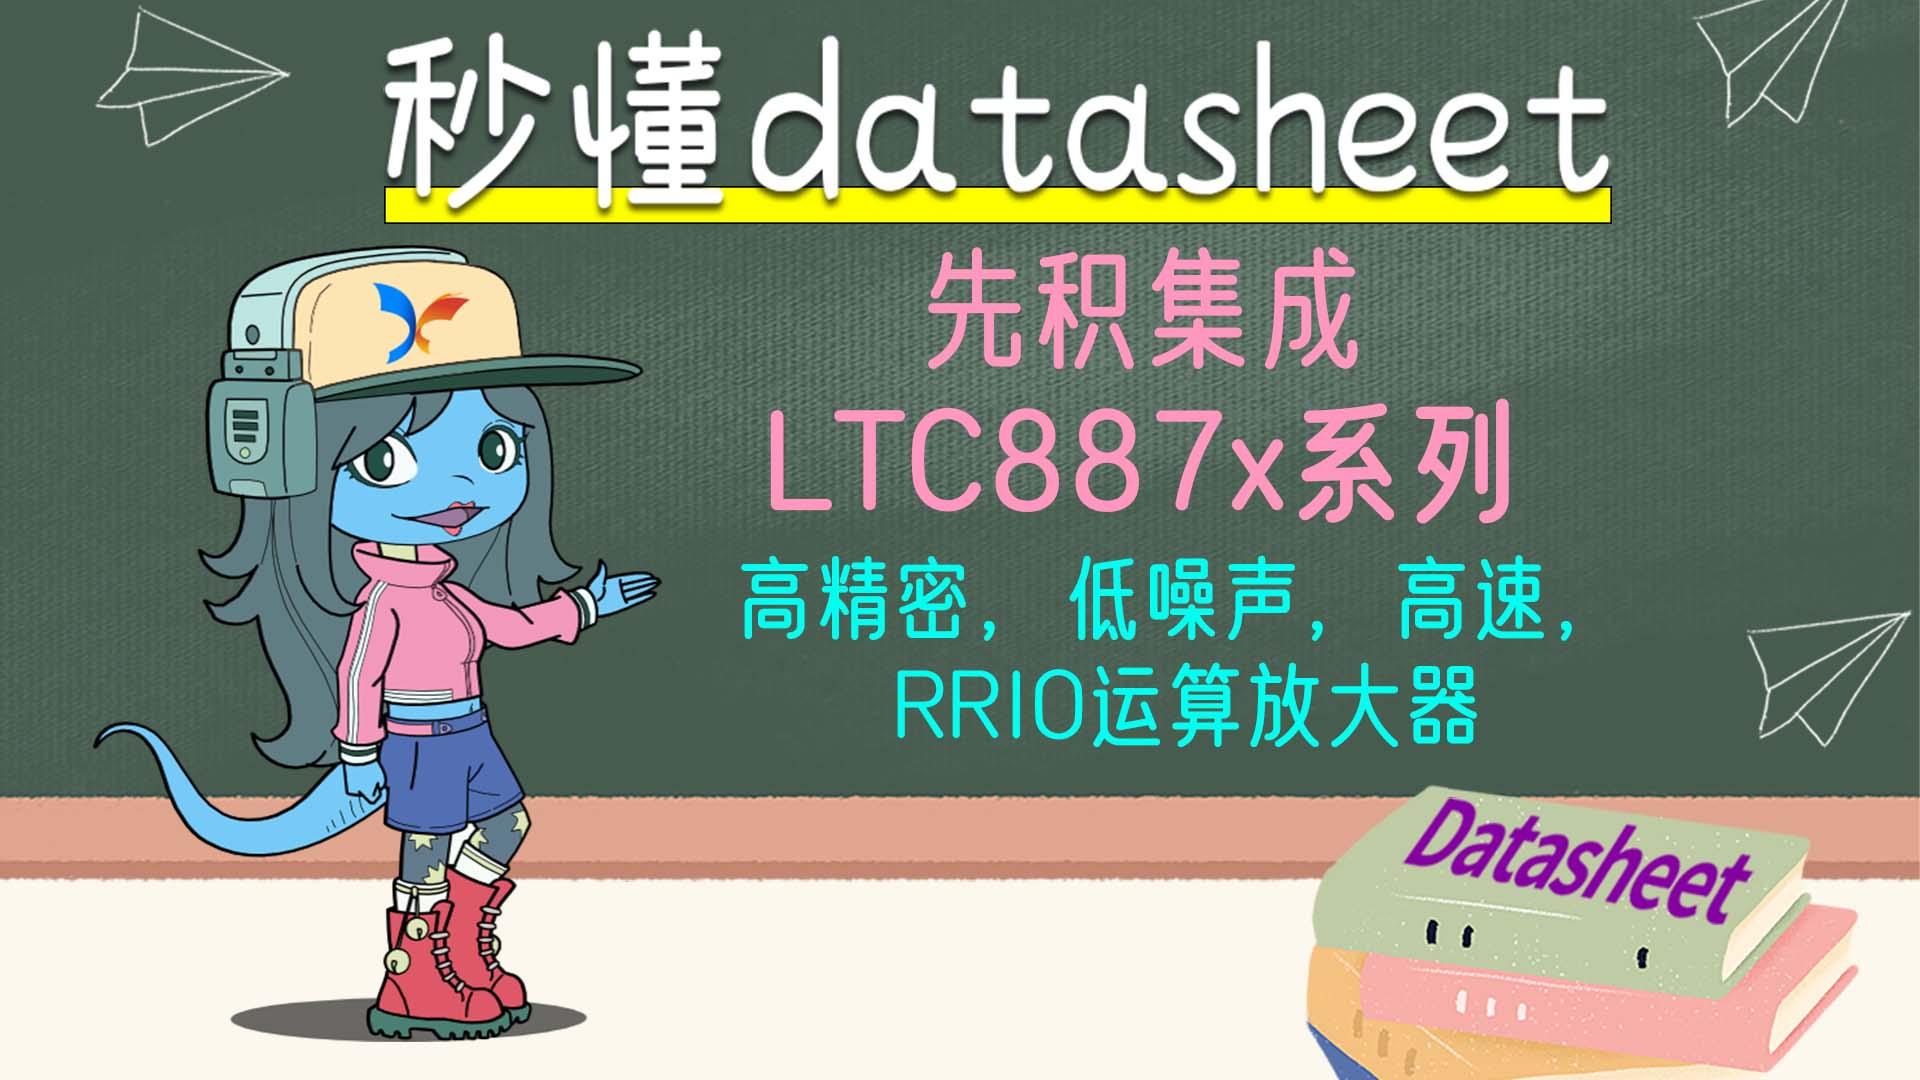 【秒懂datasheet】先积集成 LTC887x系列